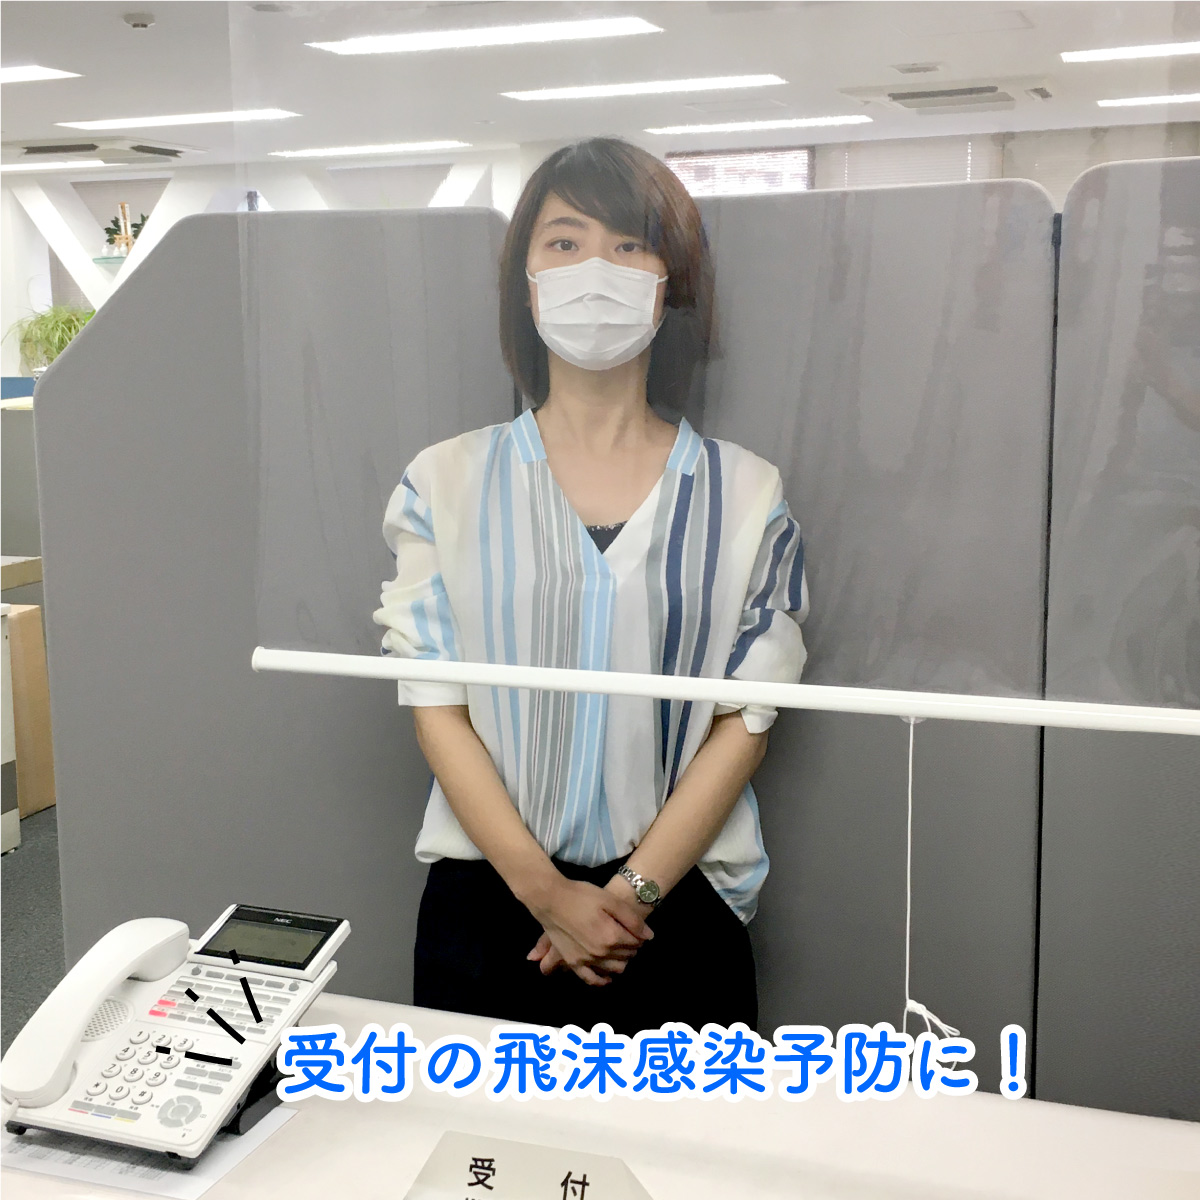 新型コロナウイルスやインフルエンザなどの飛沫感染予防におすすめな透明ビニールロールスクリーン